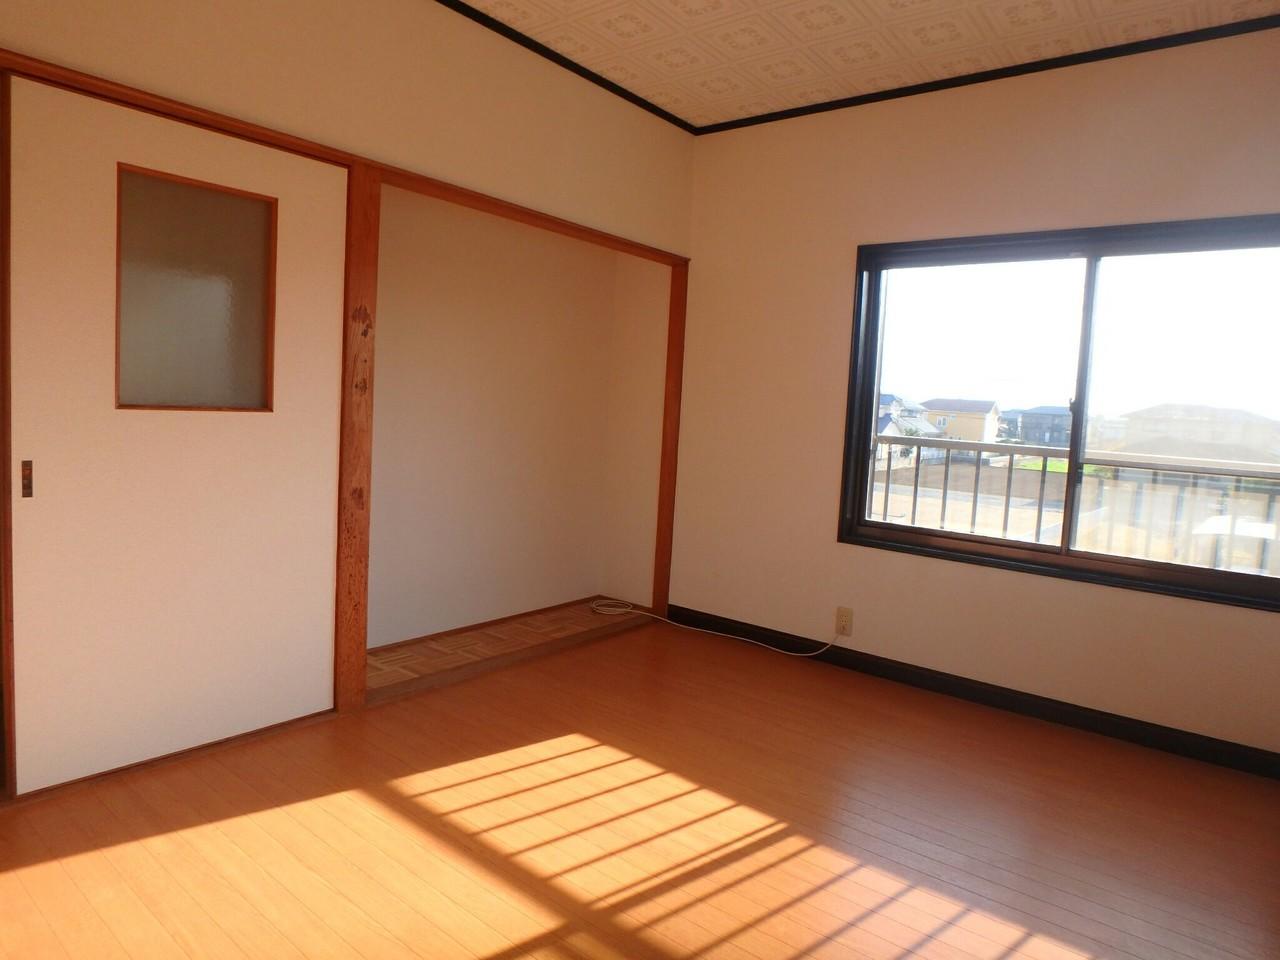 リフォームして新しいお家へと生まれ変わります。 平成30年1月完成予定です♪ (12/15撮影)